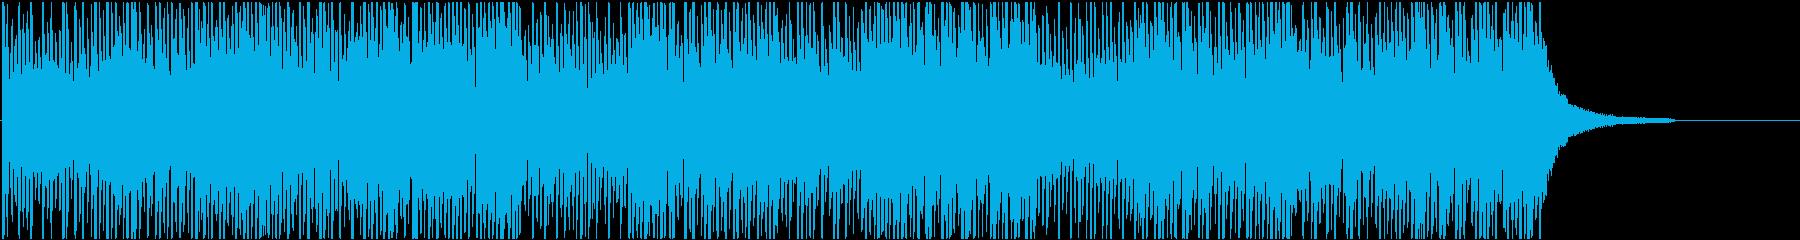 News7 16bit48kHzVerの再生済みの波形